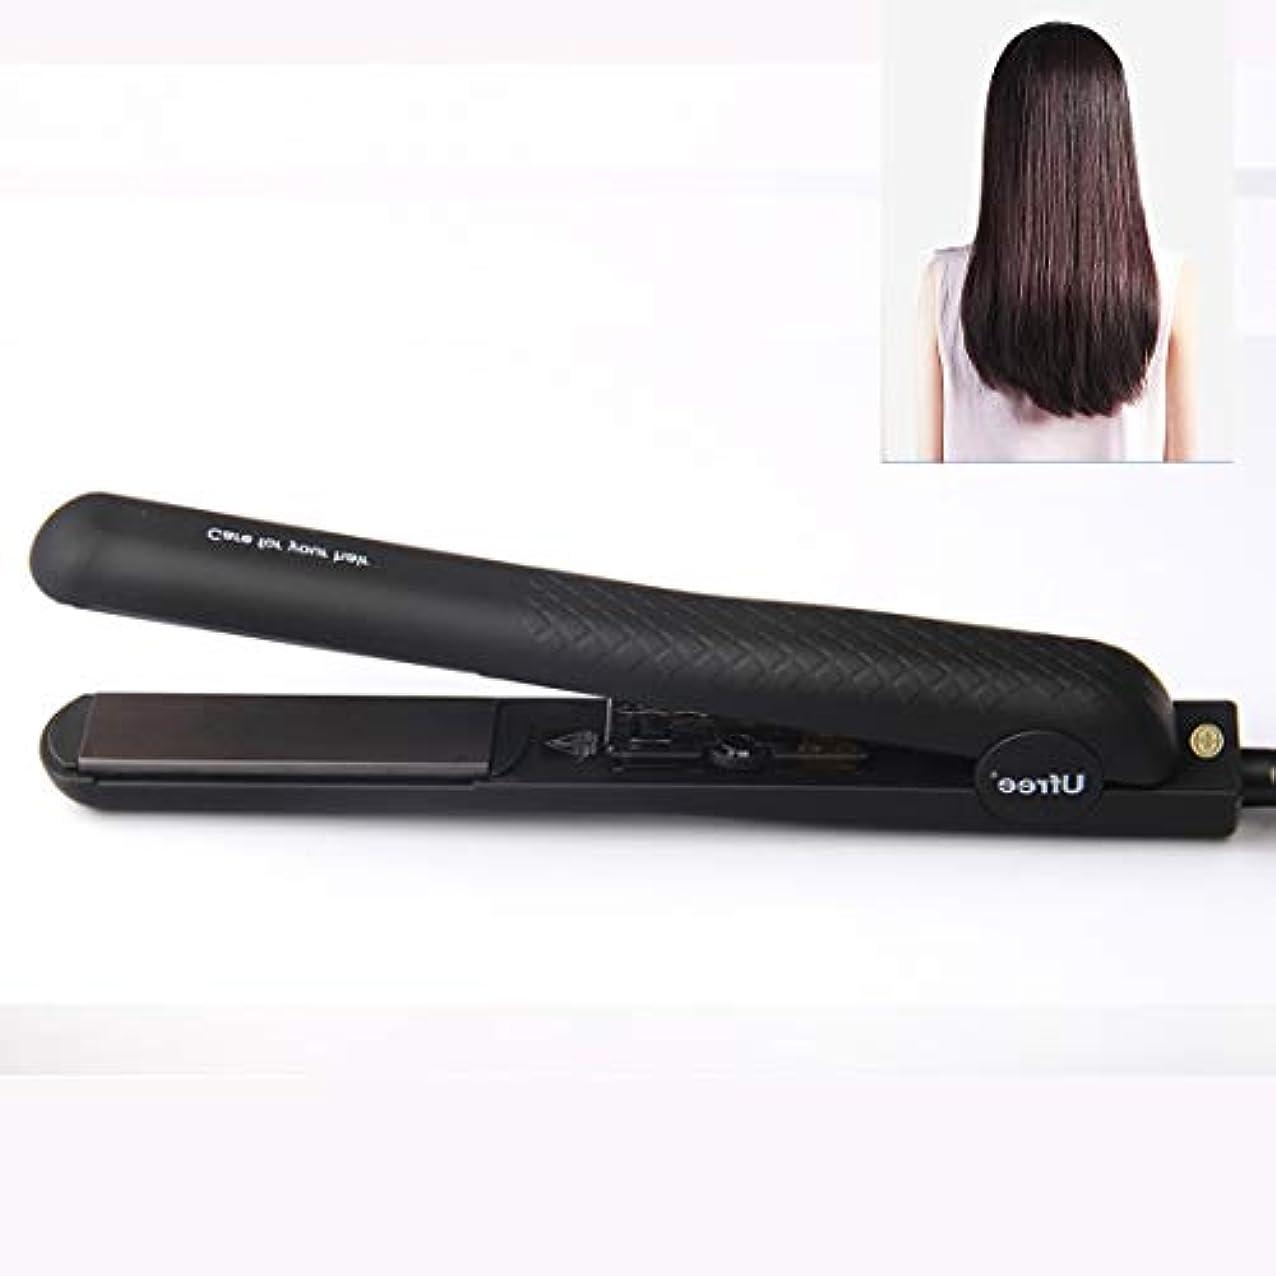 シリング政治ジャズMEI1JIA Ufree U-330セラミックプレート調節可能な温度ストレートヘアアイロン電気合板理髪ツール髪用、EUプラグ(ブラック) (色 : Black)